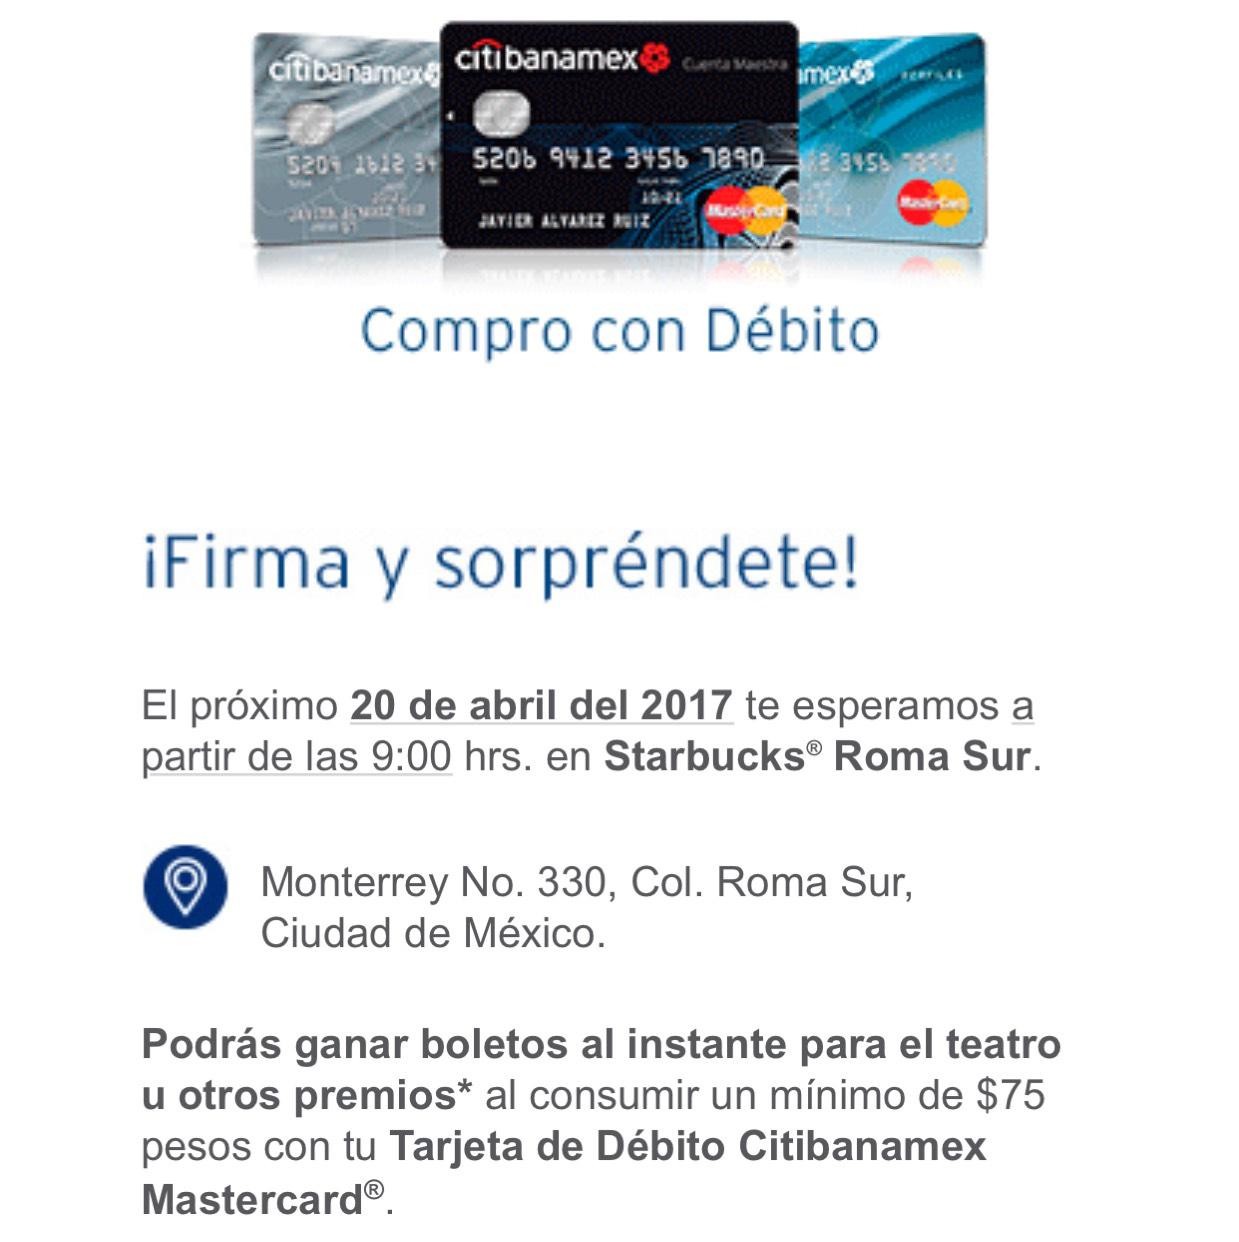 Starbucks Roma Sur CDMX: Boletos para Obras de Teatro / compra mínima de $75 pagando con débito CitiBanamex